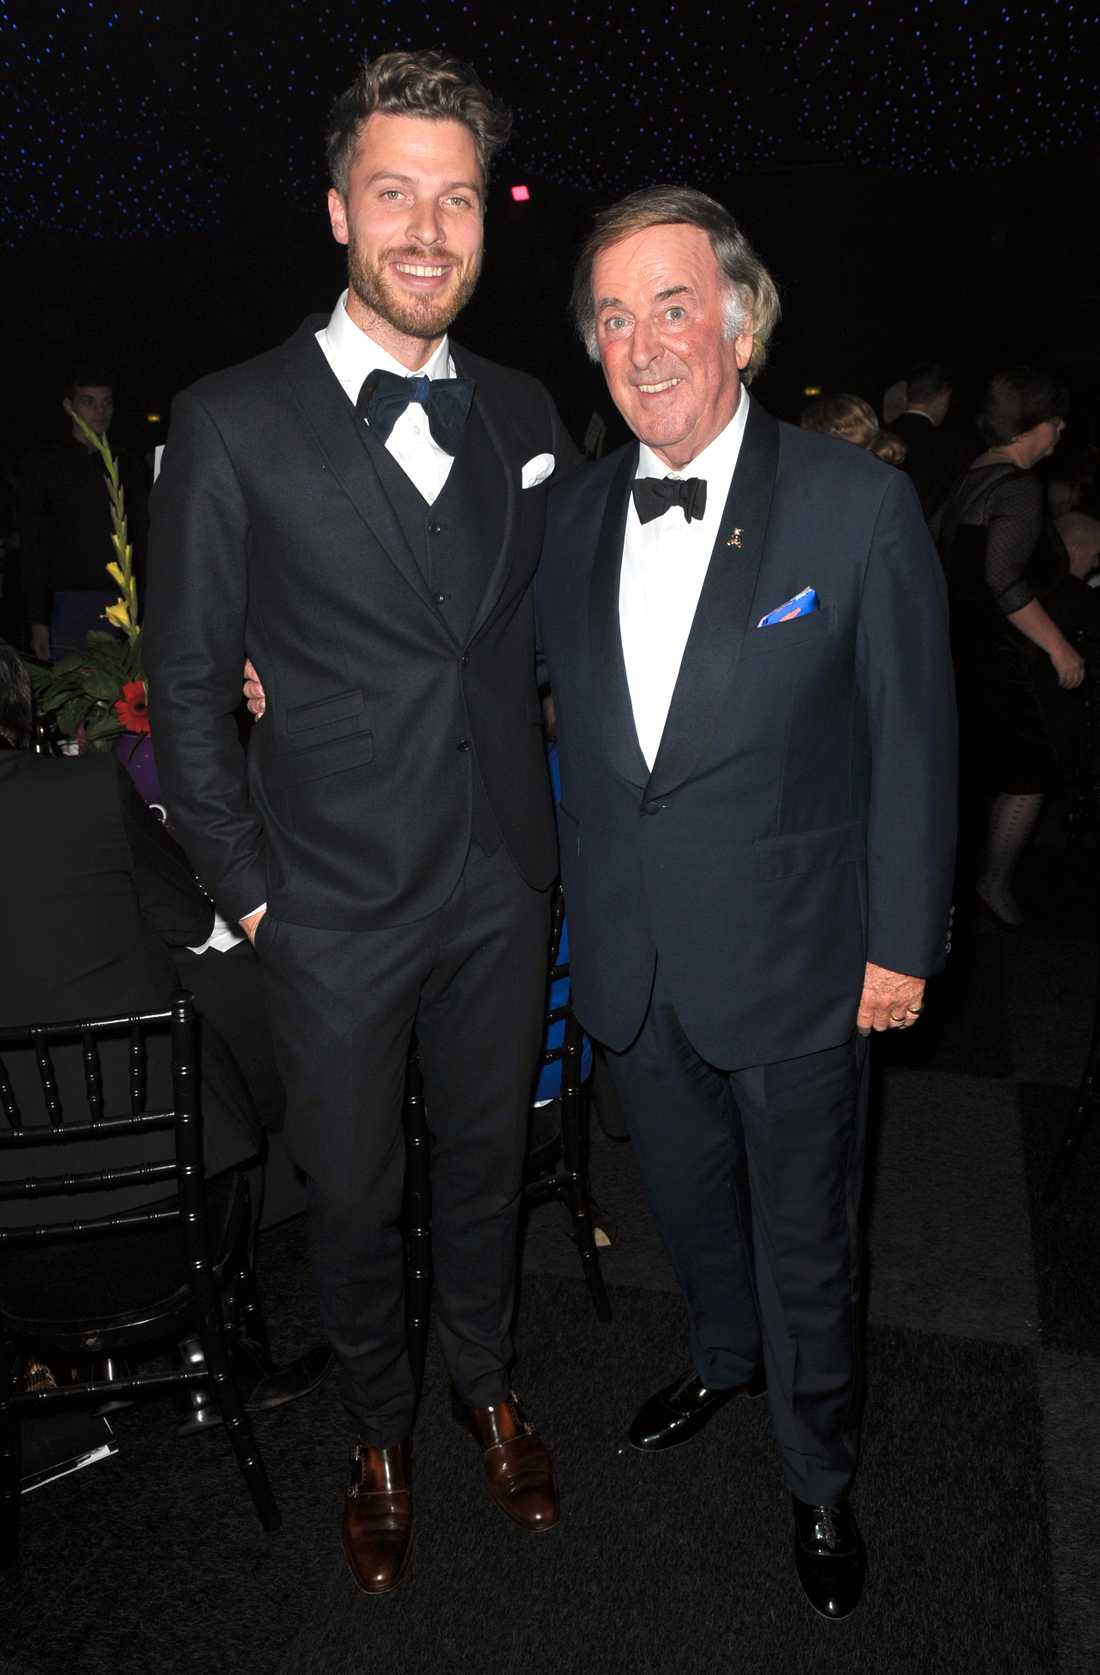 """Tillsammans med Rick Edwards på välgörenhetsarrangemanget """"An evening with the stars in aid of children in need"""", 2013."""